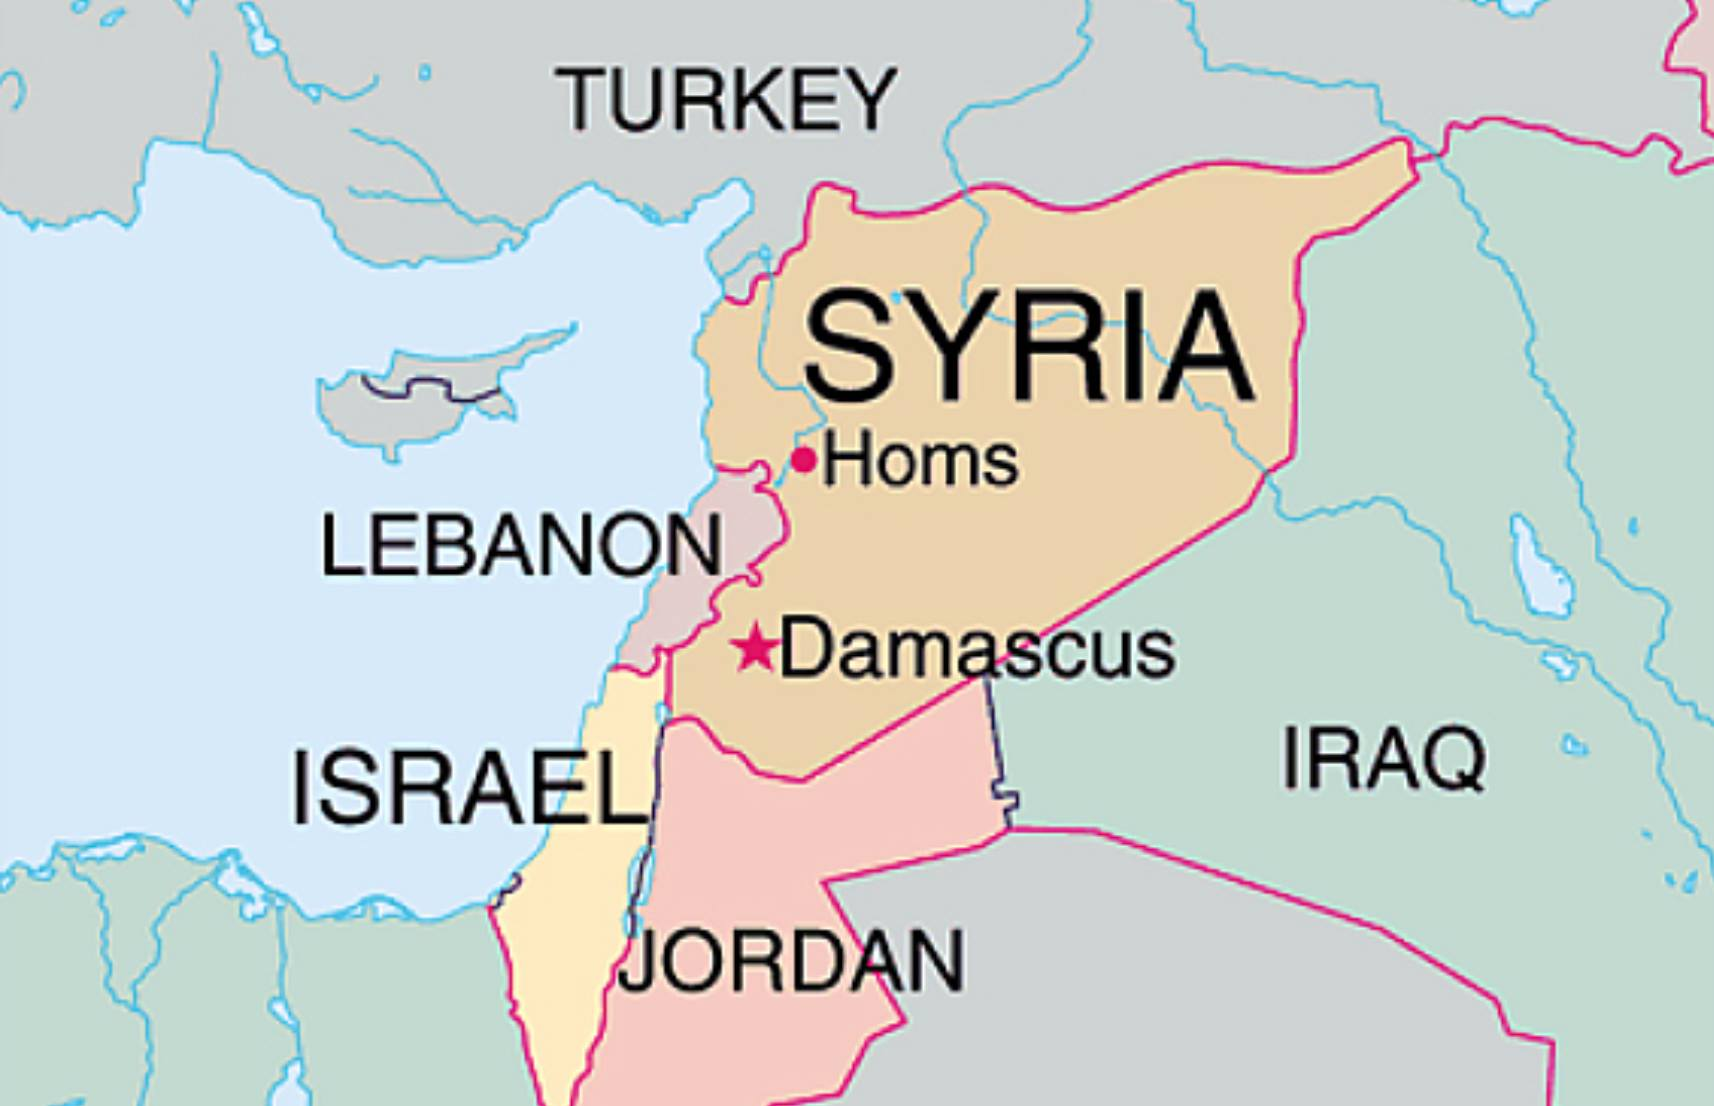 syrien karte aktuell 2020 KenFM über: Syrien als Spielball geopolitischer Interessen (Wege